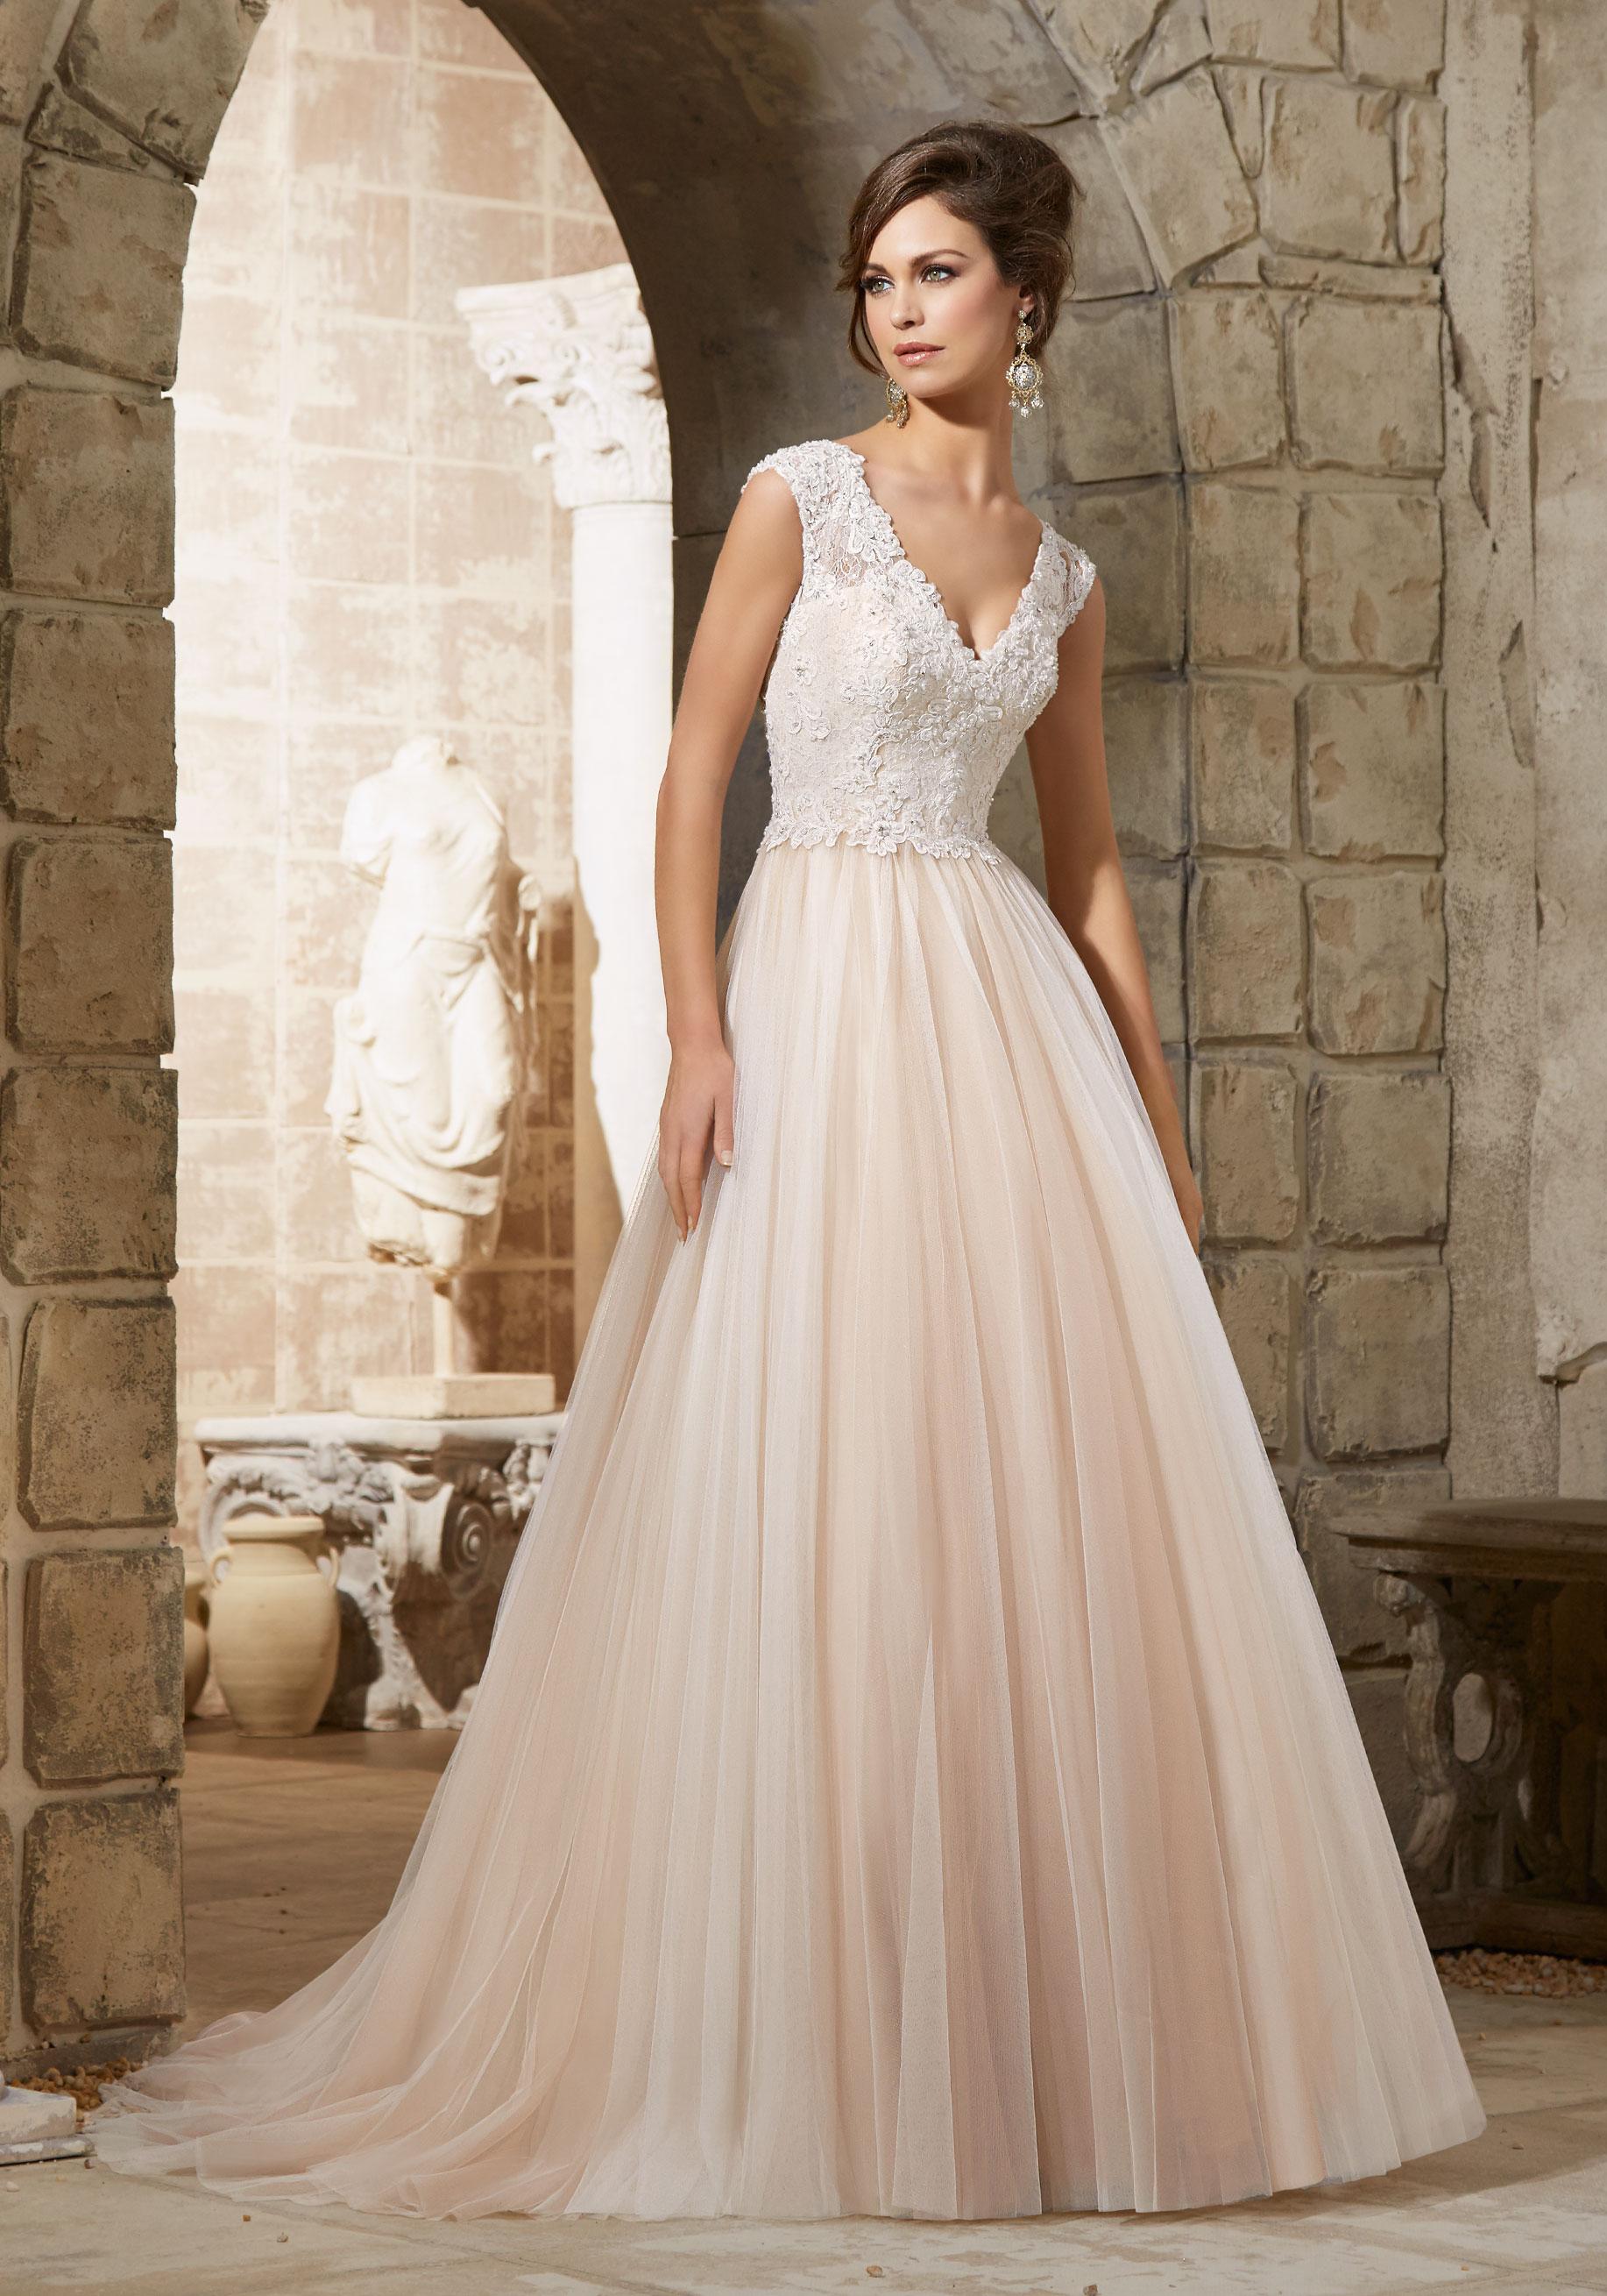 lace appliques wedding dresses photo - 1